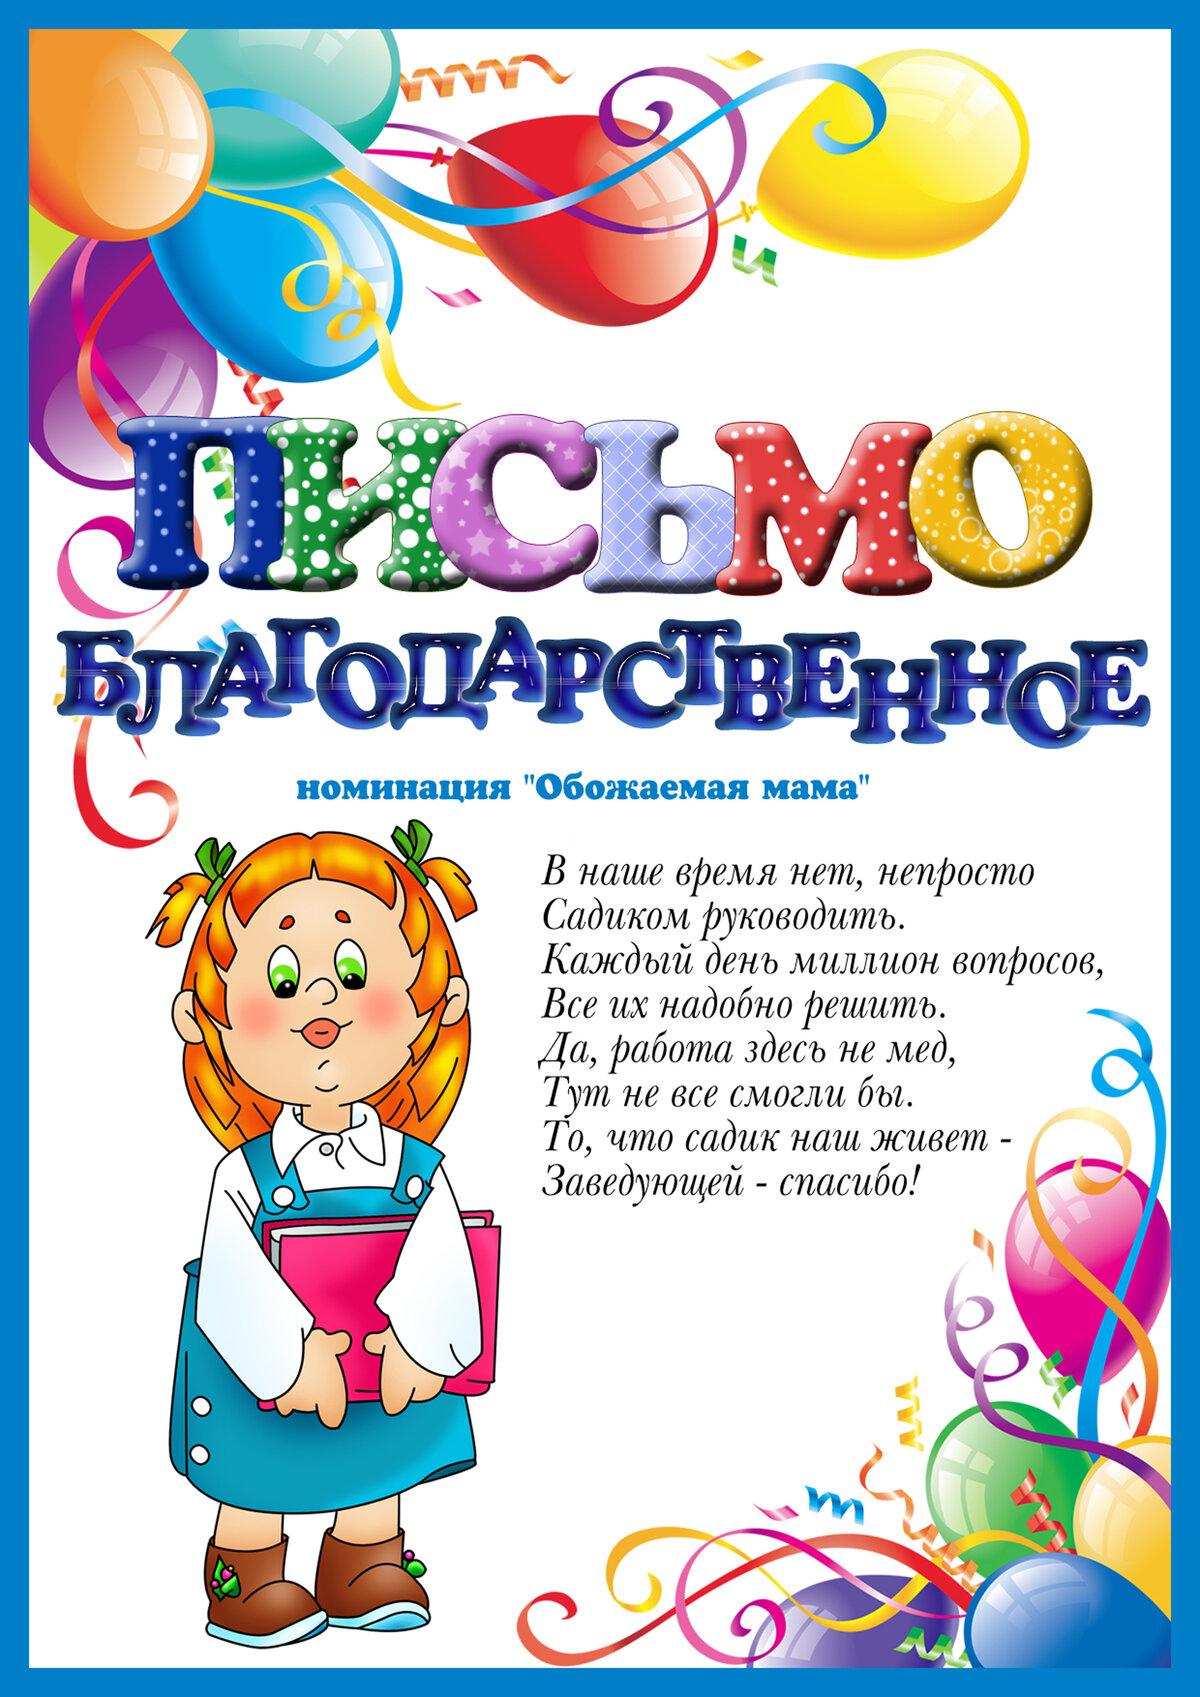 Шуточное поздравление методисту с днем рождения